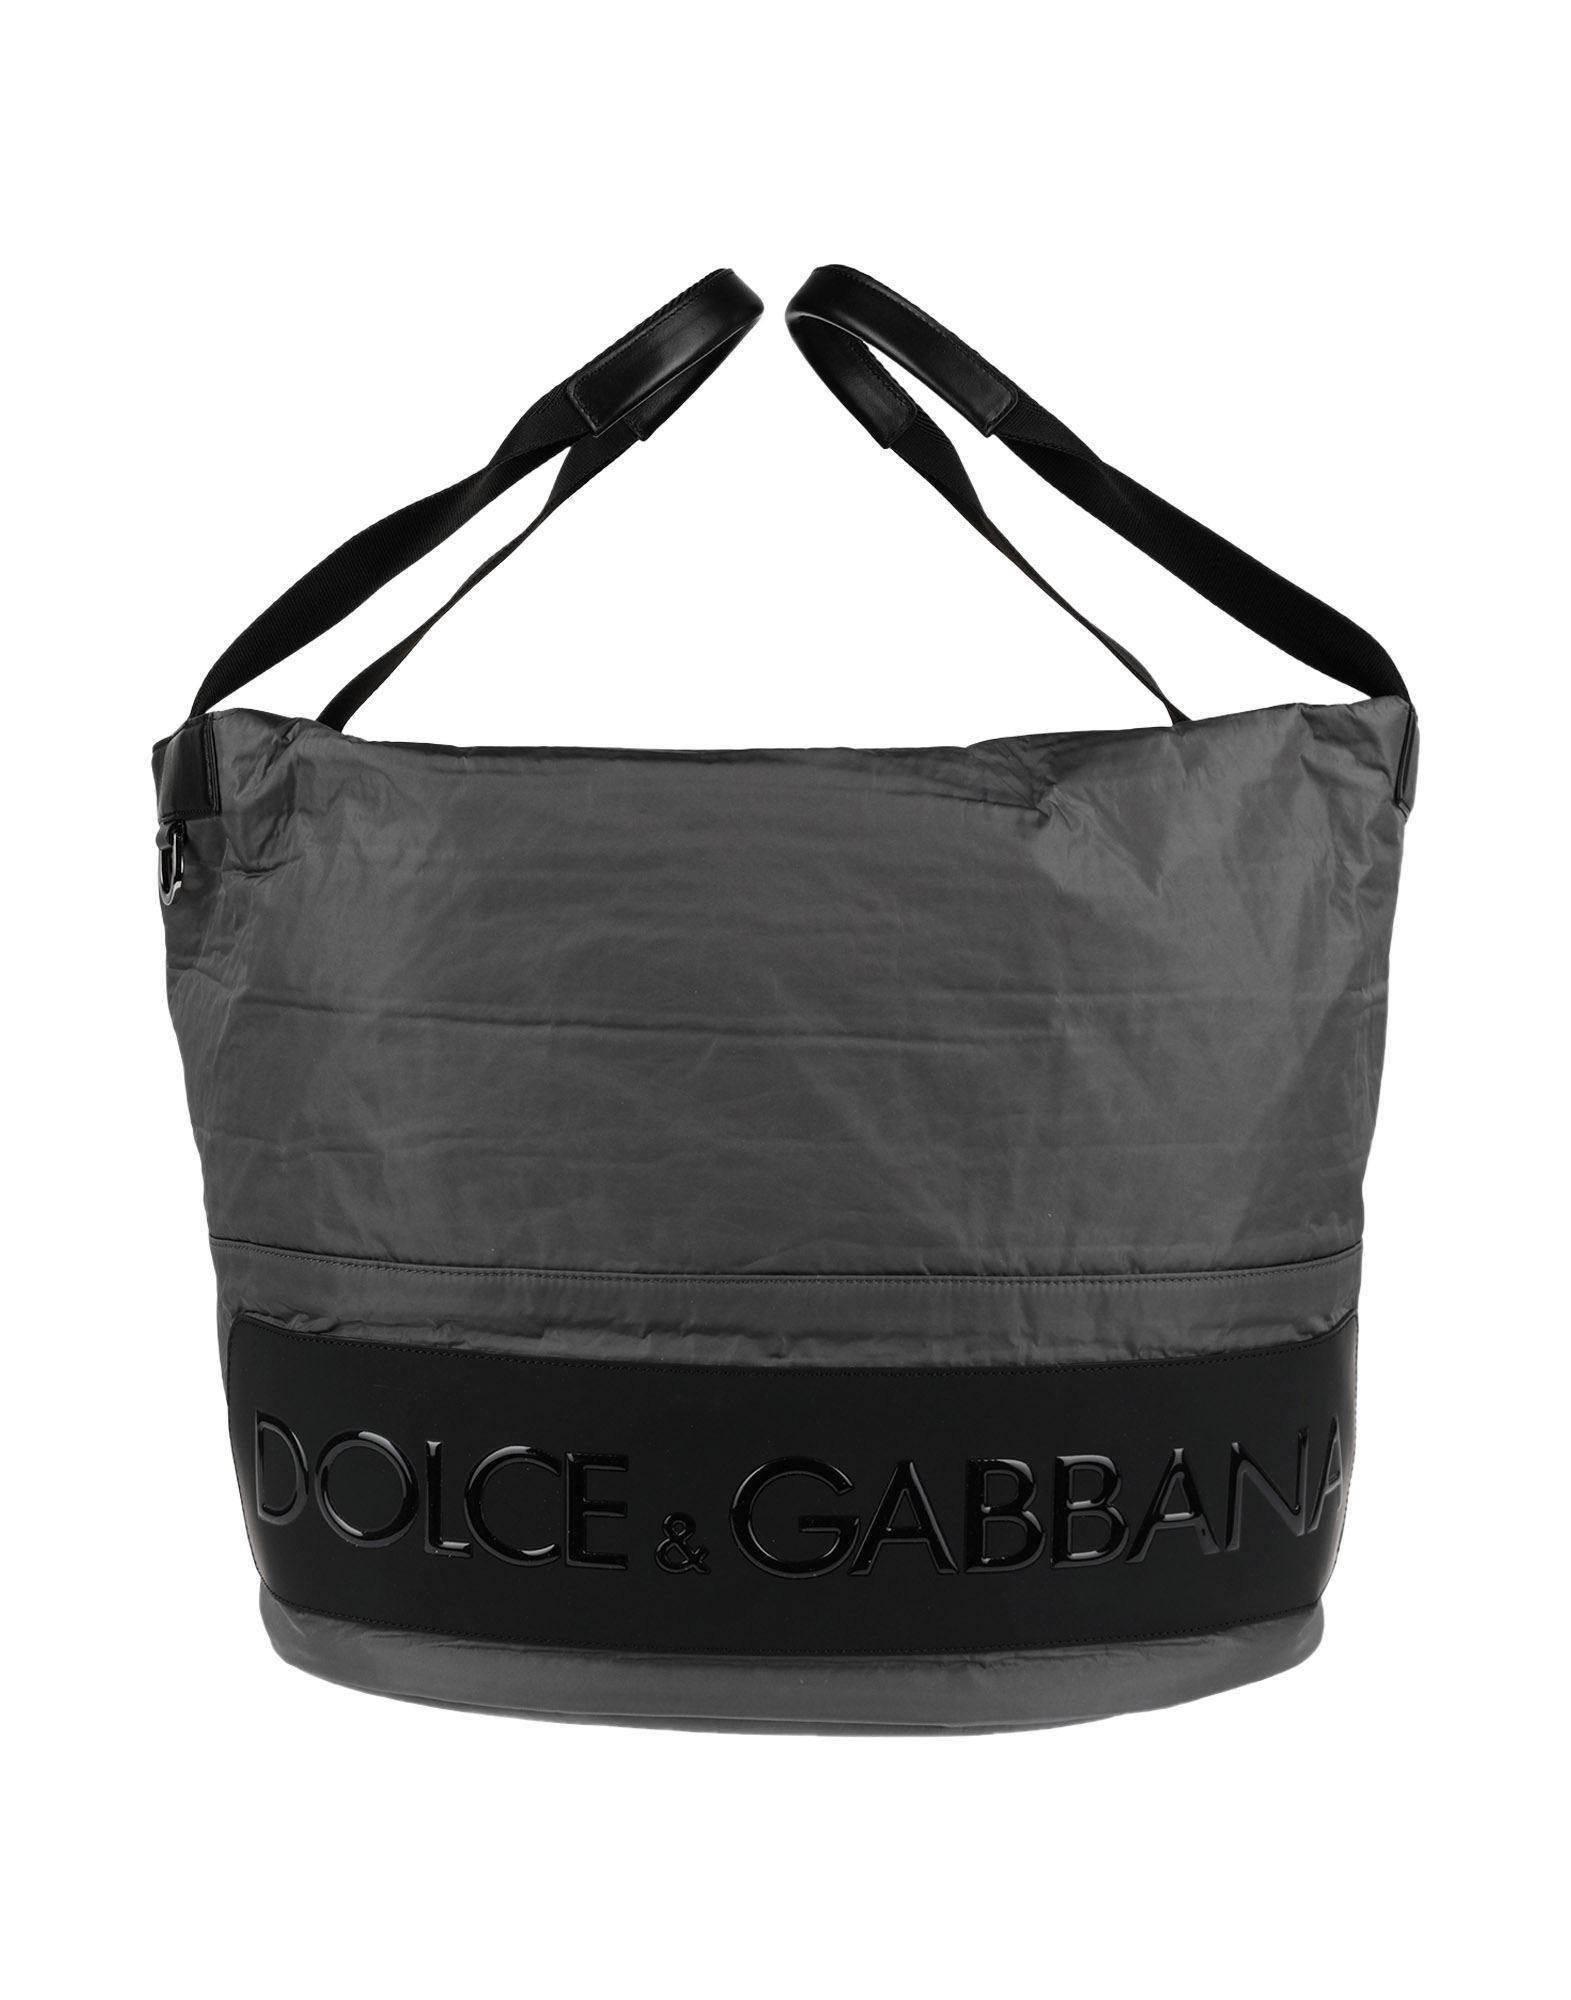 DOLCE & GABBANA ドルチェ & ガッバーナ メンズ 旅行バッグ 鉛色